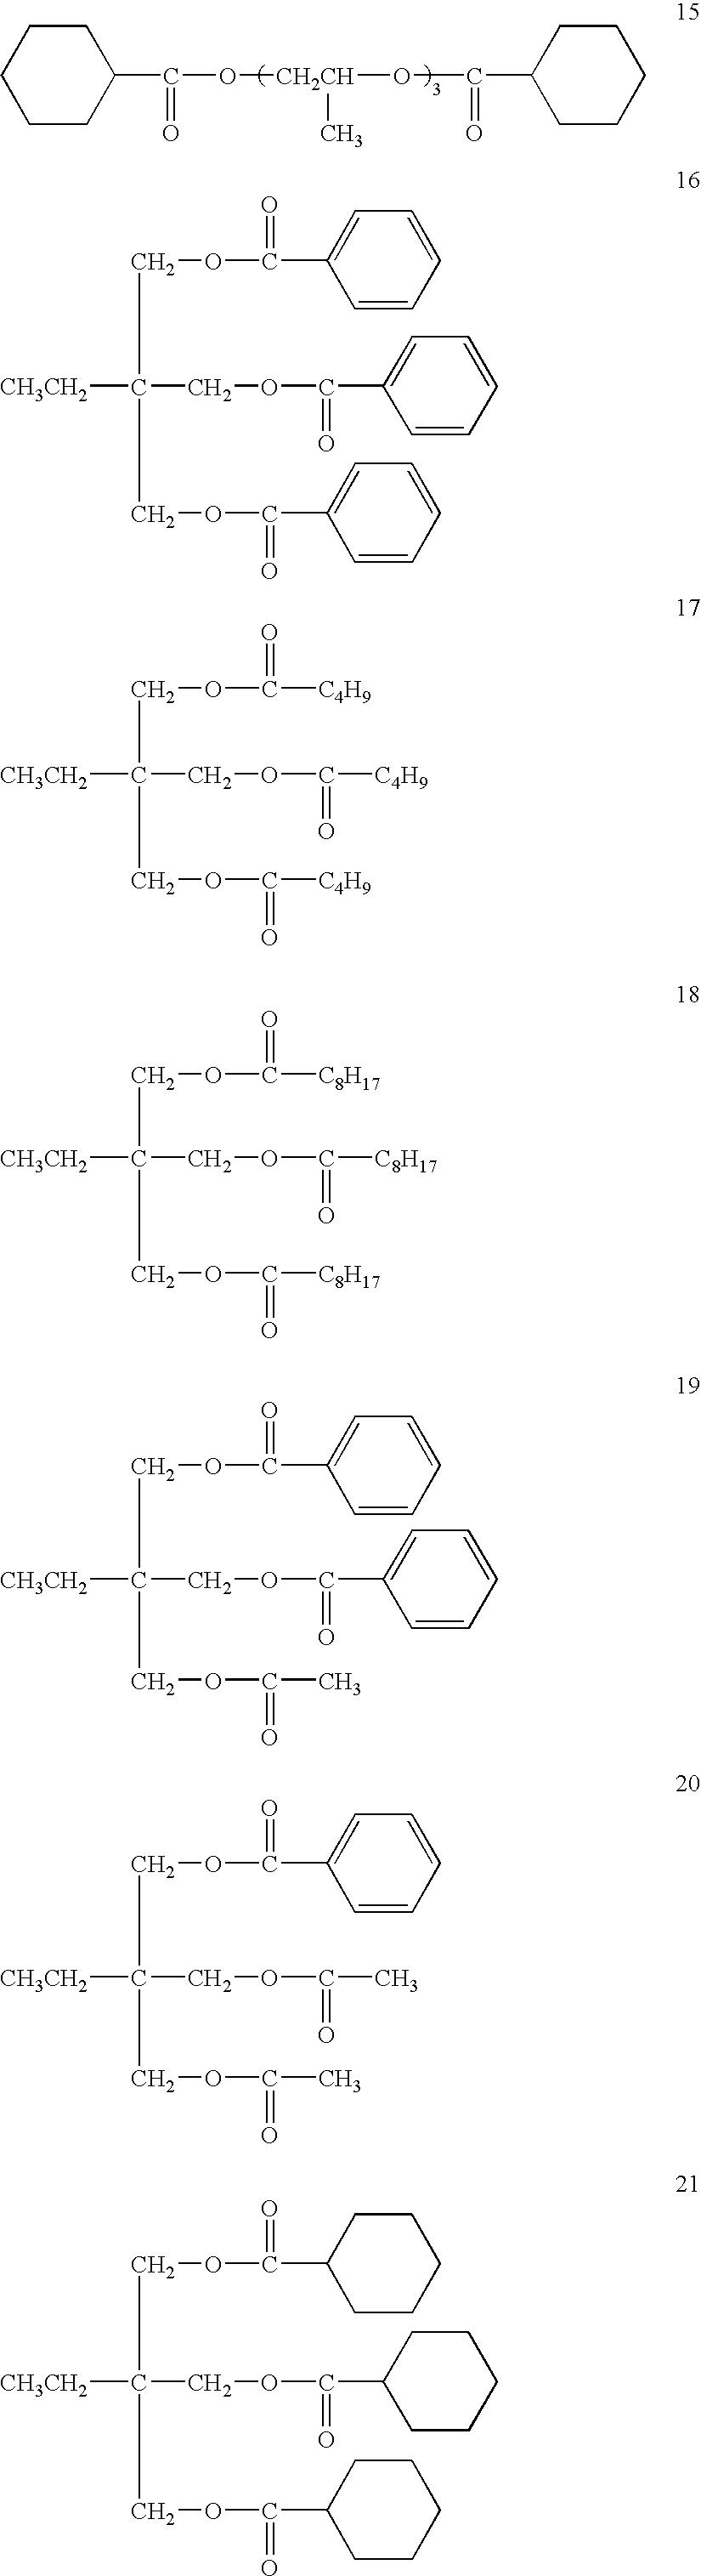 Figure US20040247889A1-20041209-C00002